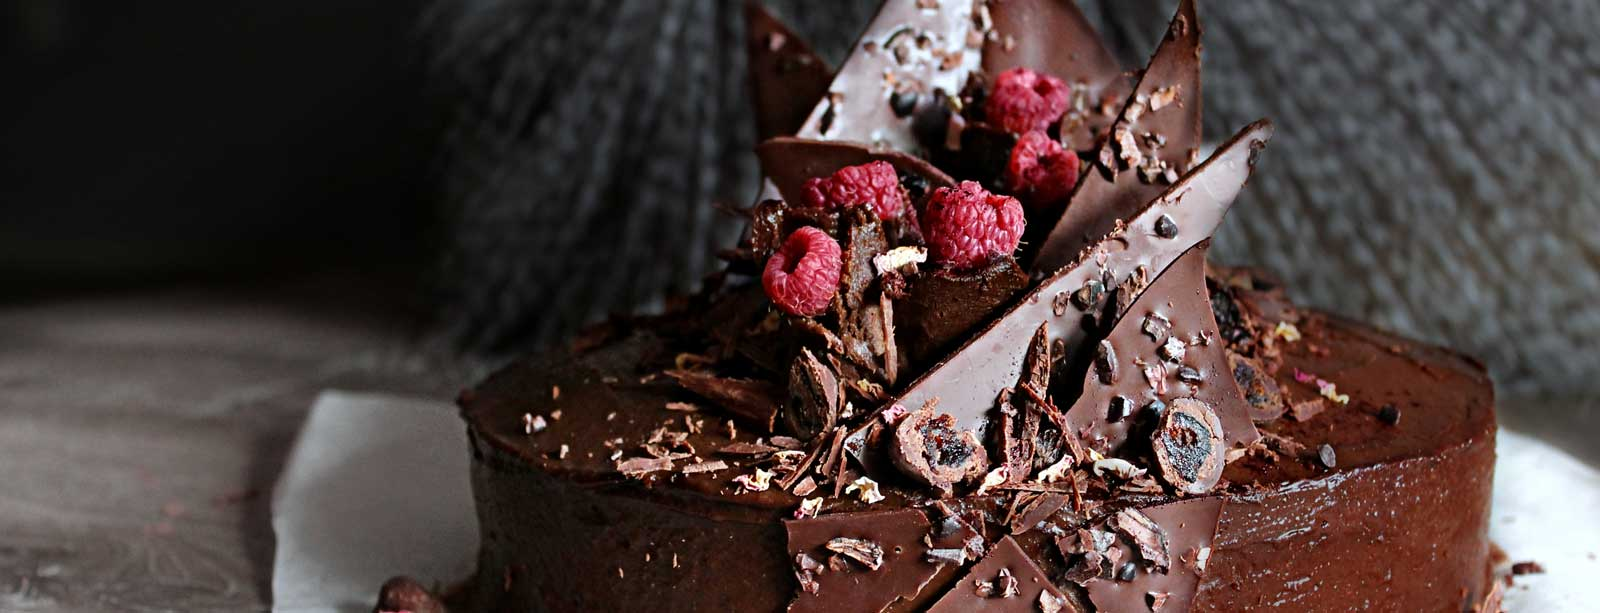 Red-Velvet-Cake_banner2